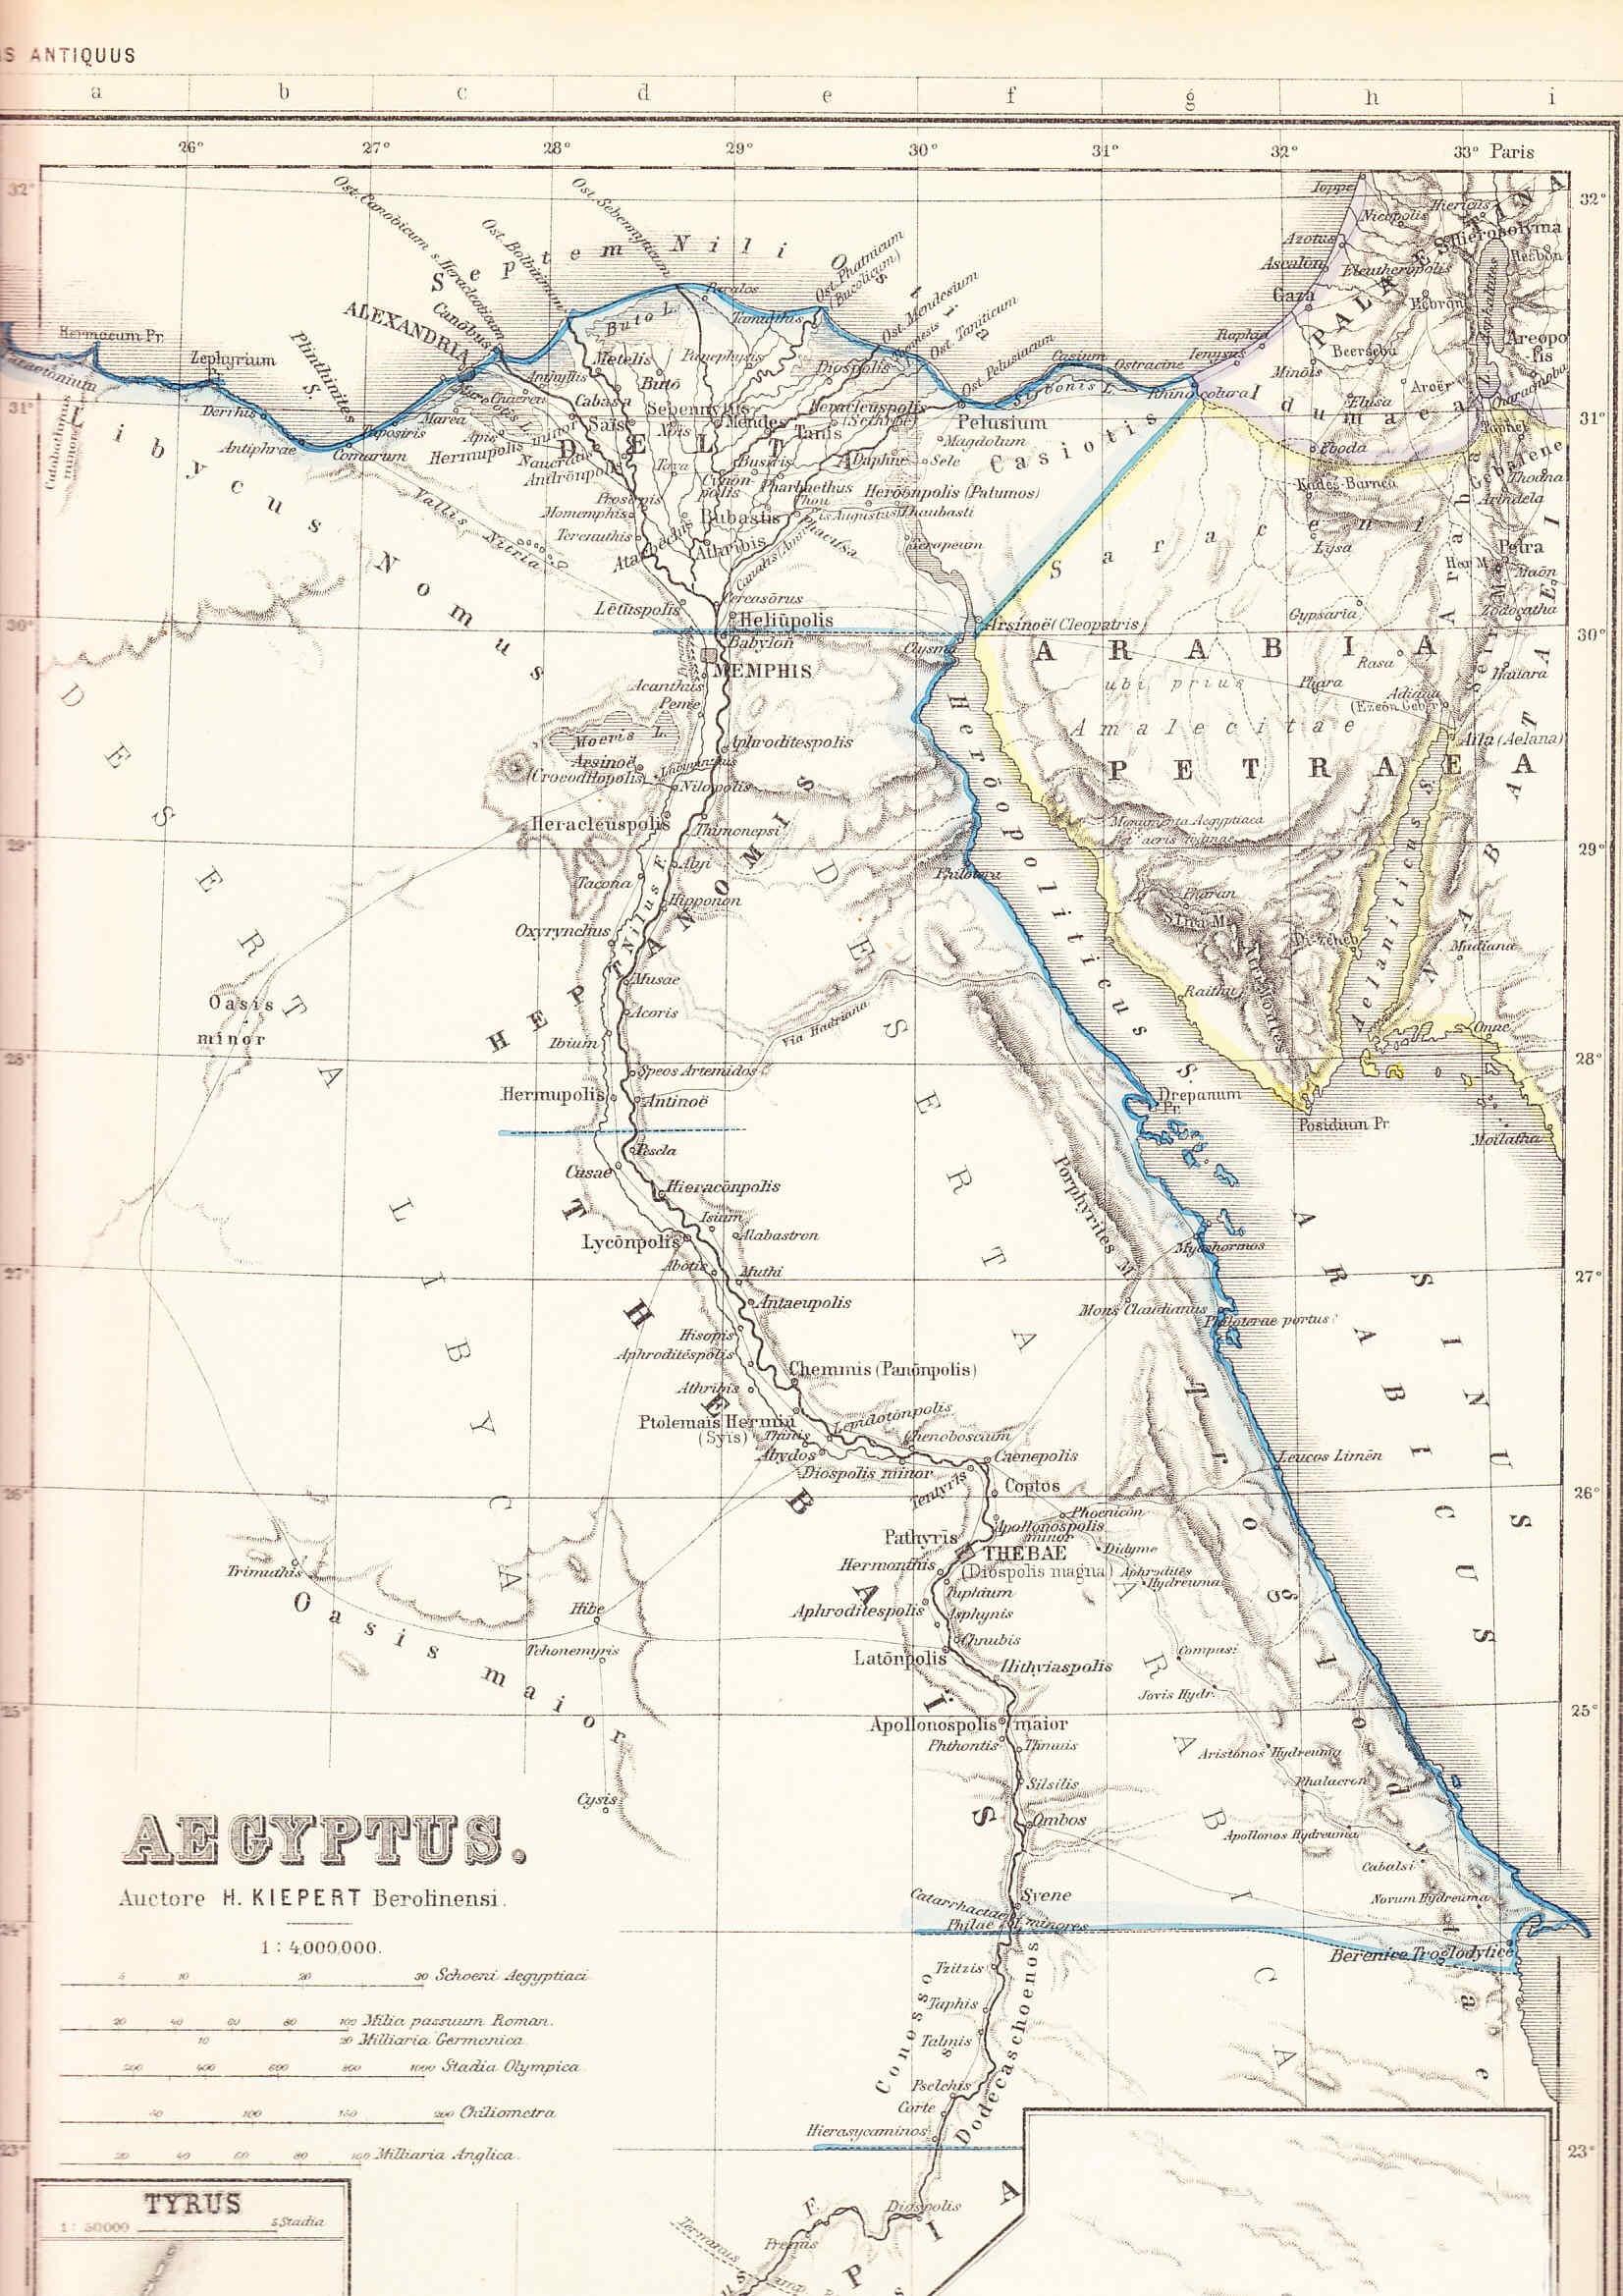 Egipto antiguo 20 y Ptolomeo II Filadelfo 4